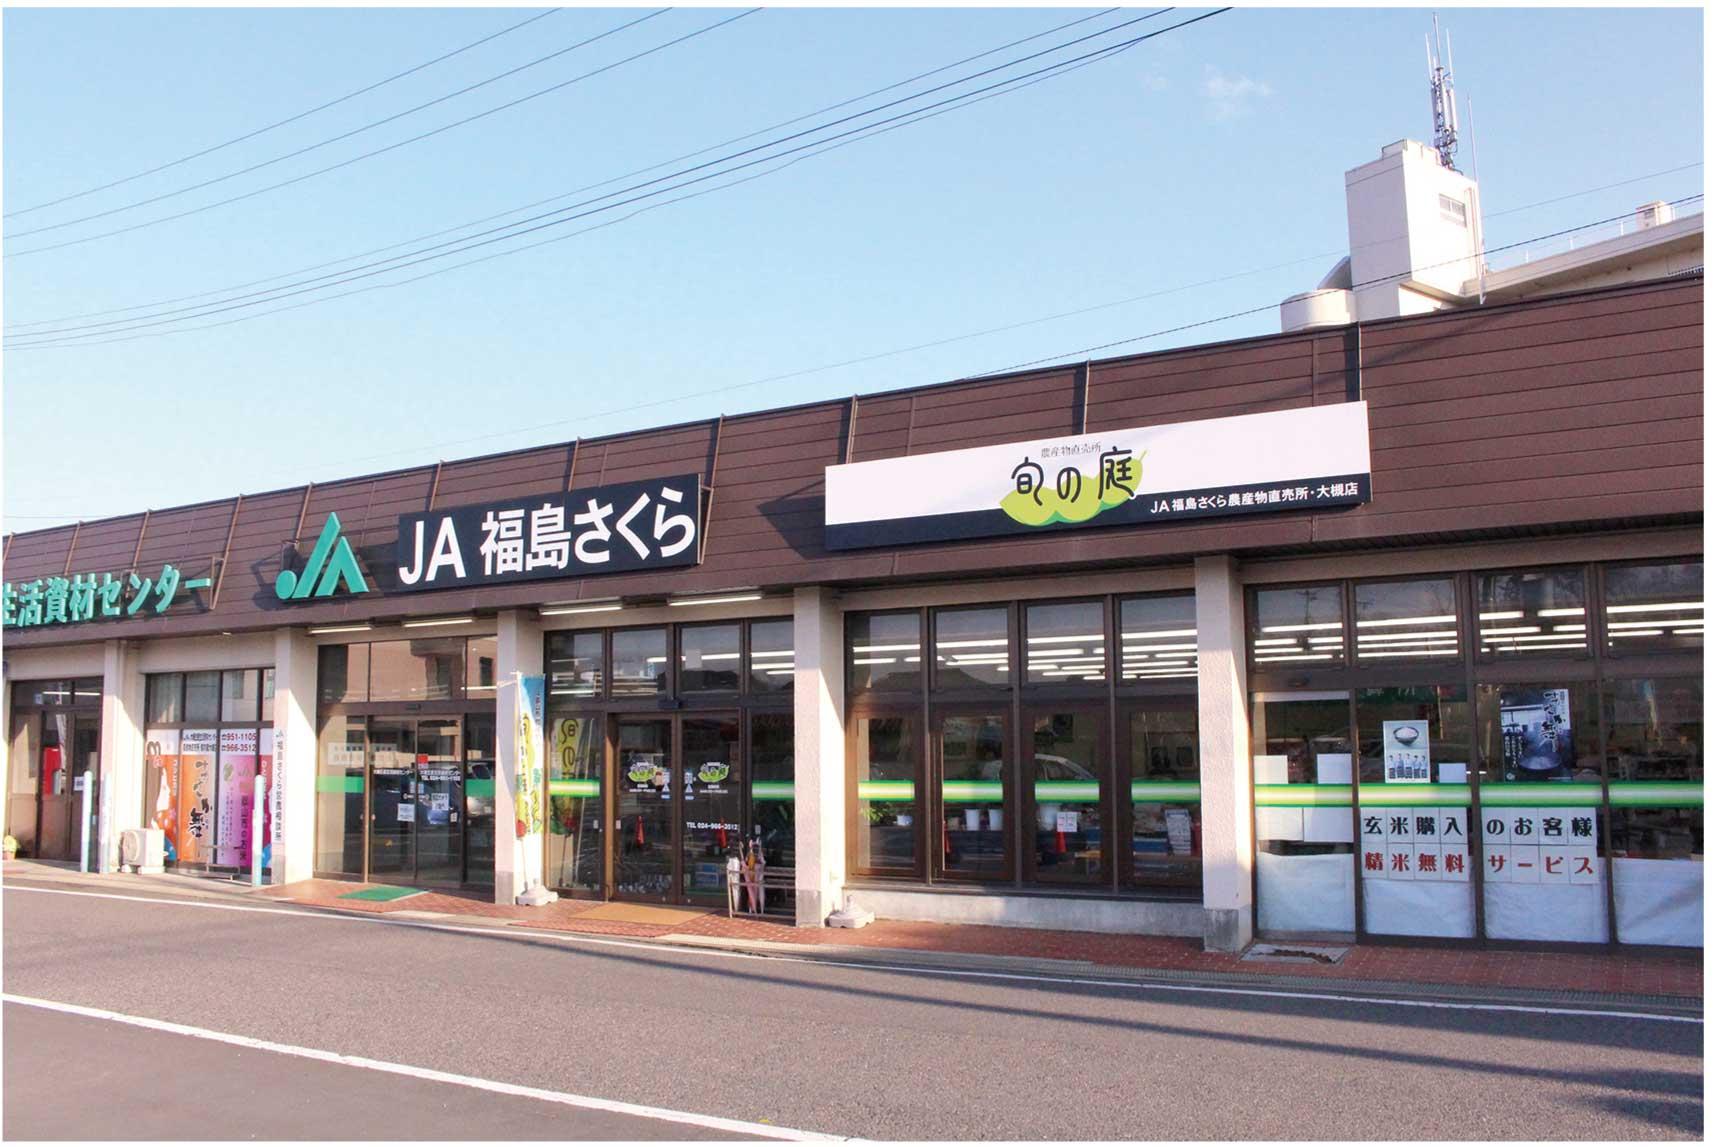 JA福島さくら 旬の庭 大槻店の写真